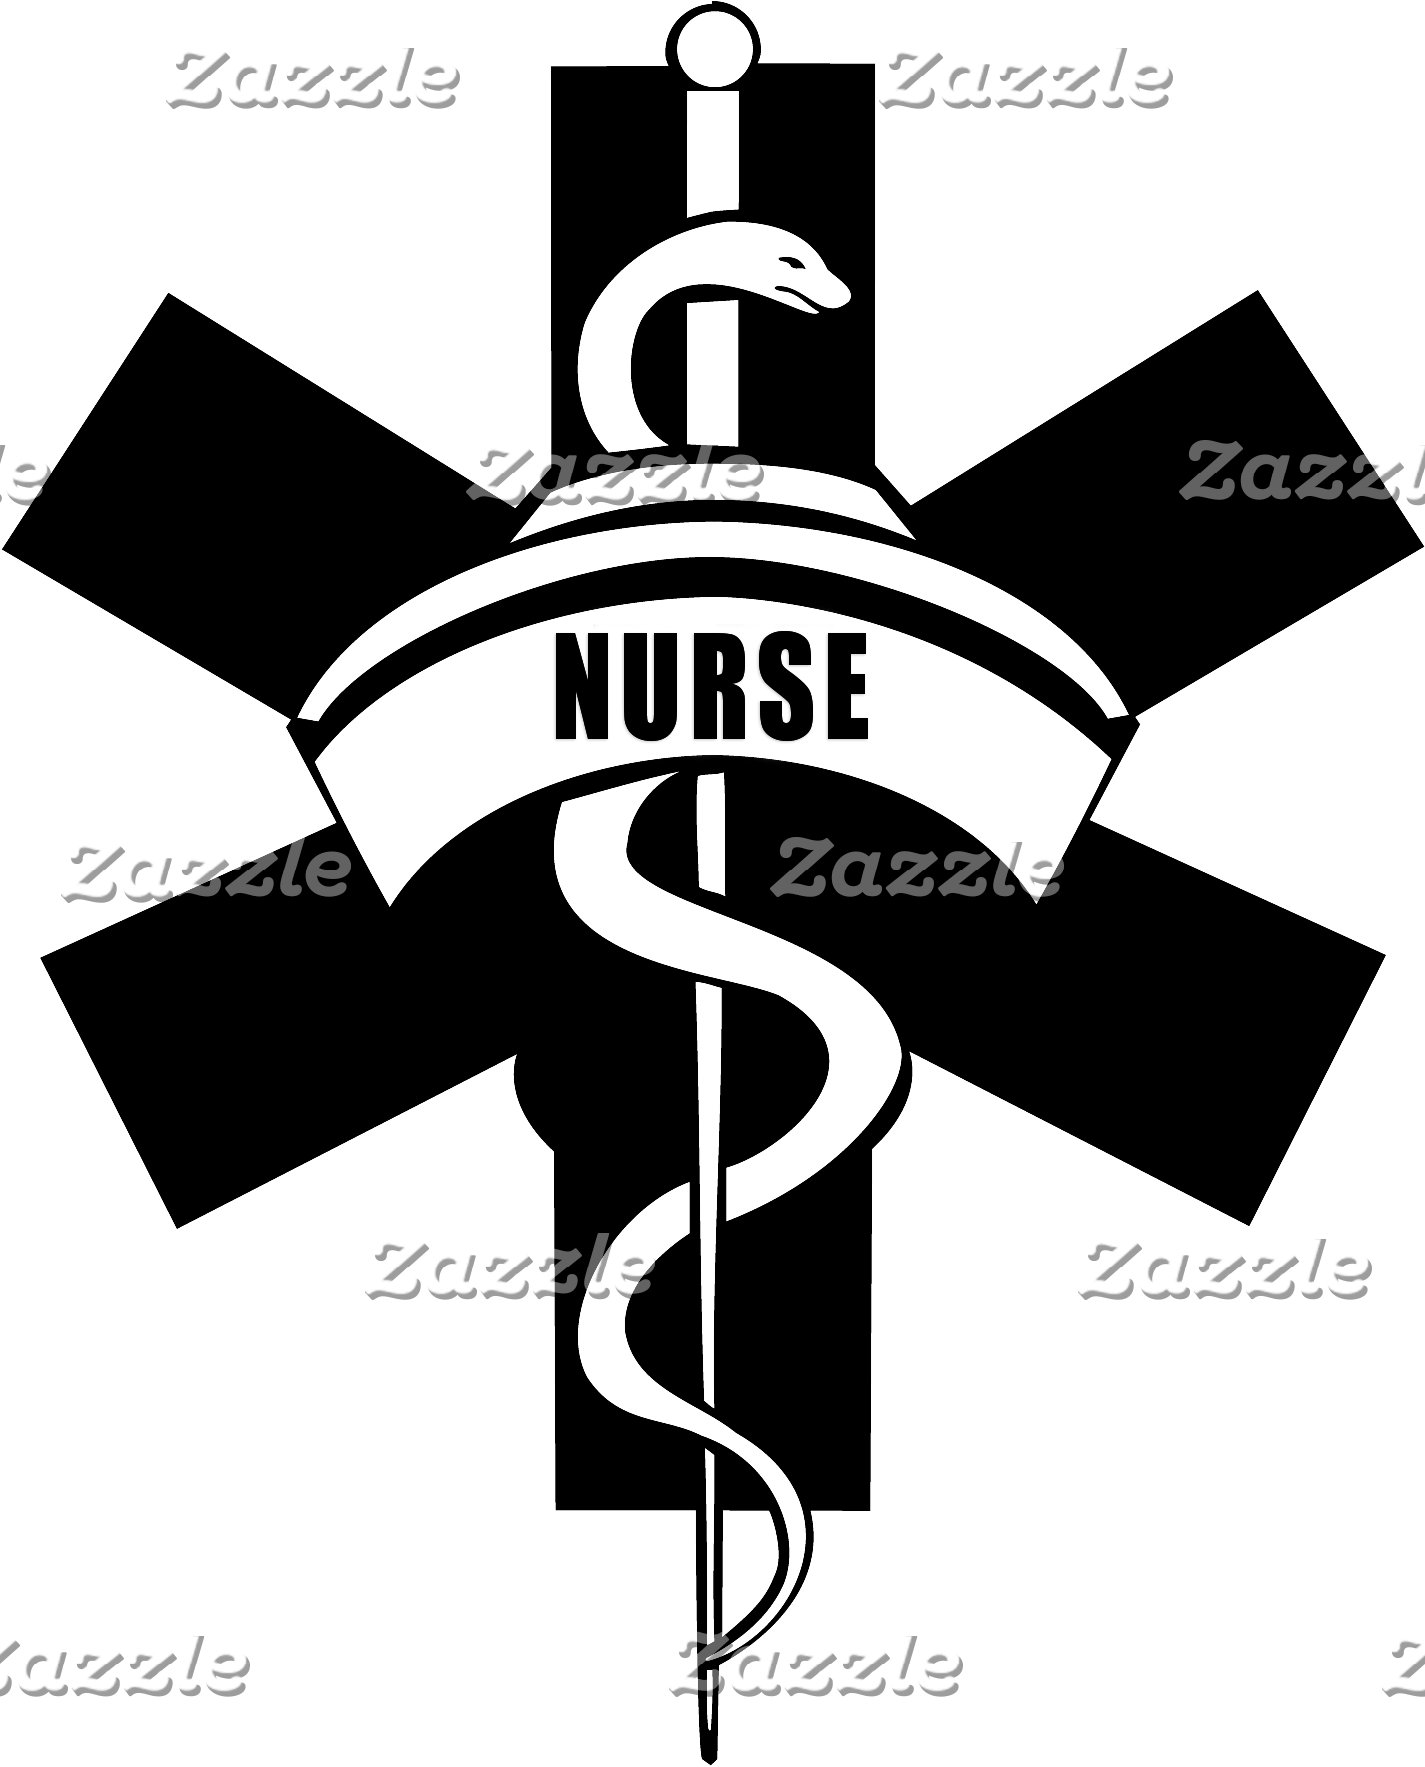 A Nurse Dedication